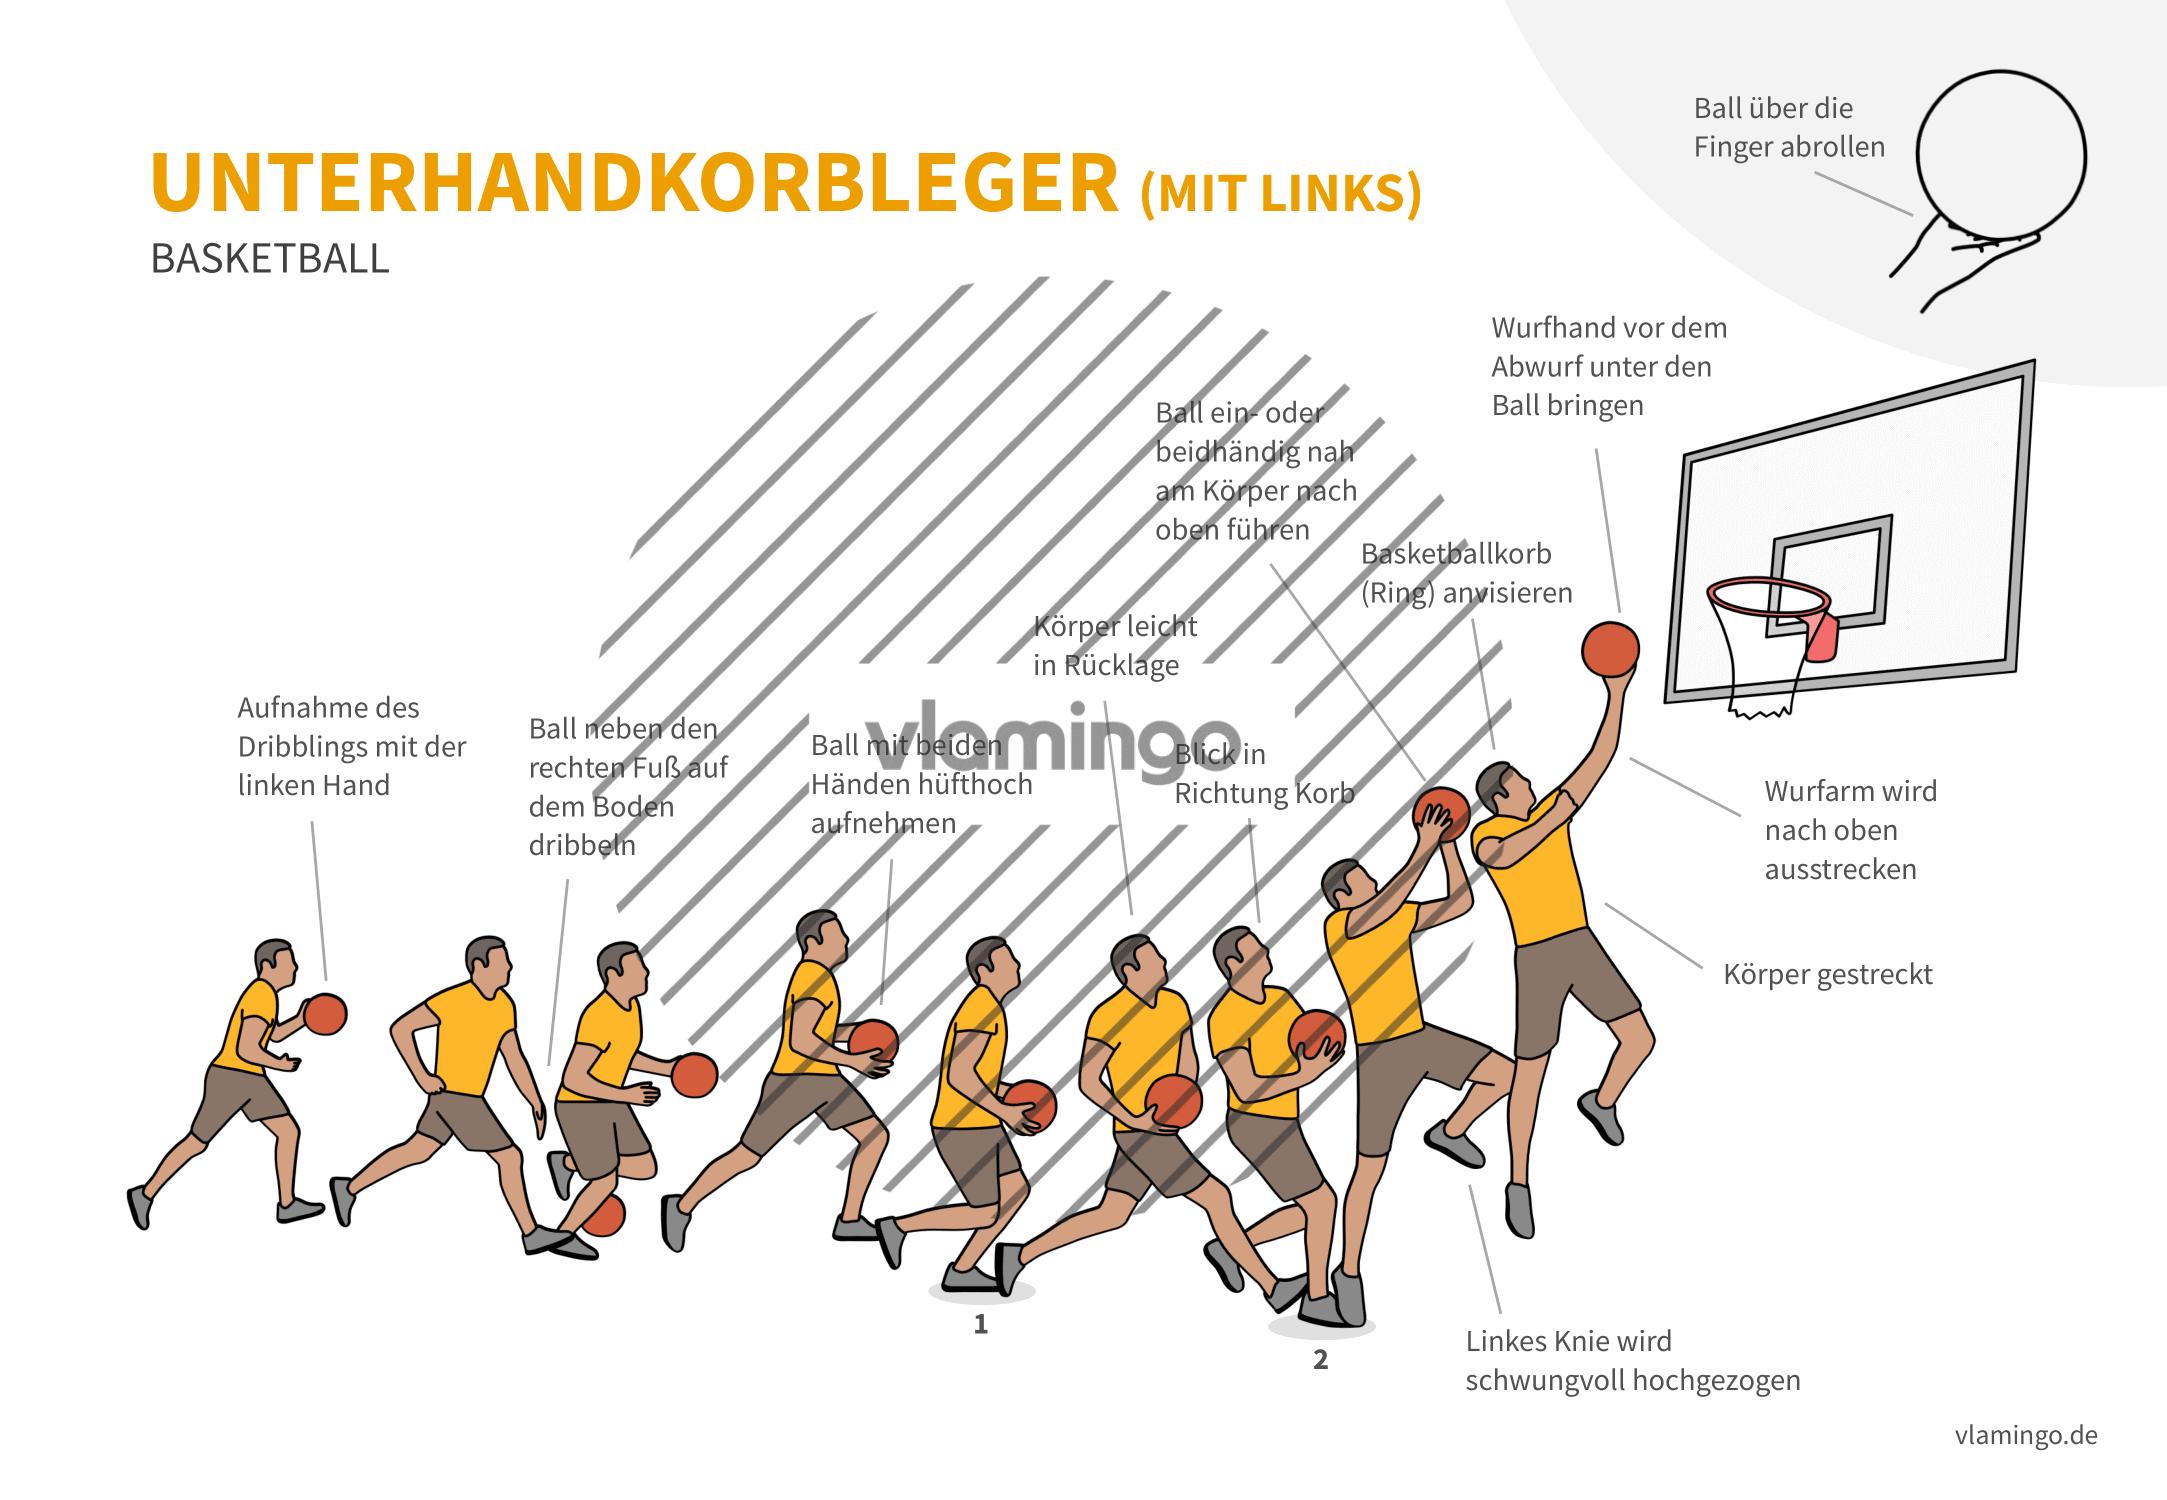 Basketball - Unterhandkorbleger (mit links)